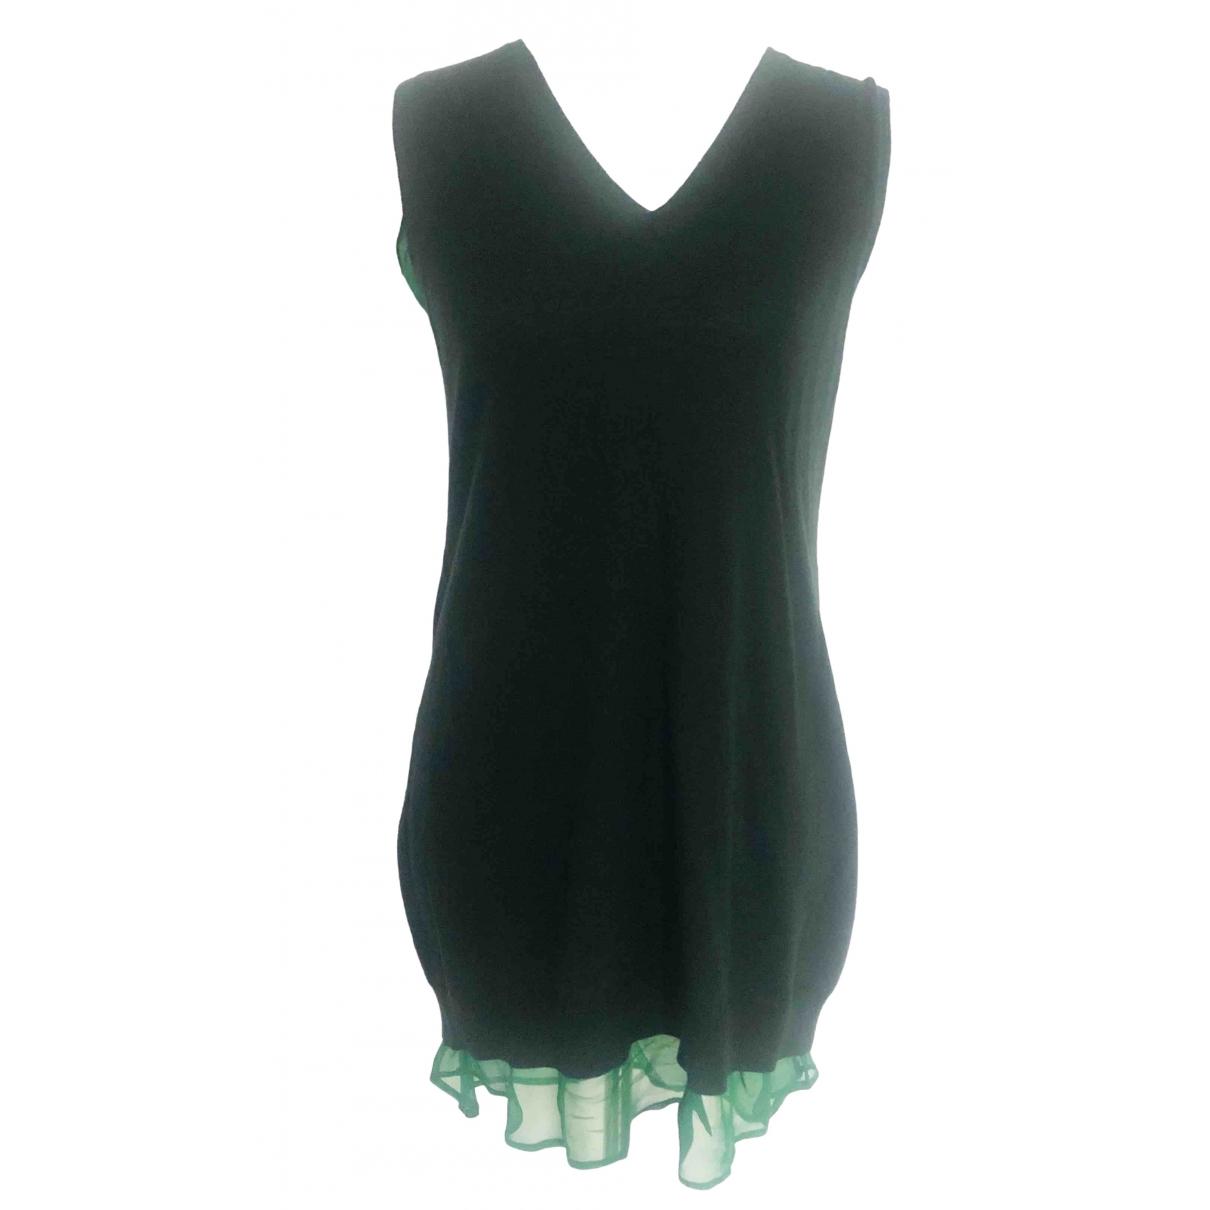 Alexander Mcqueen \N Green Wool dress for Women S International